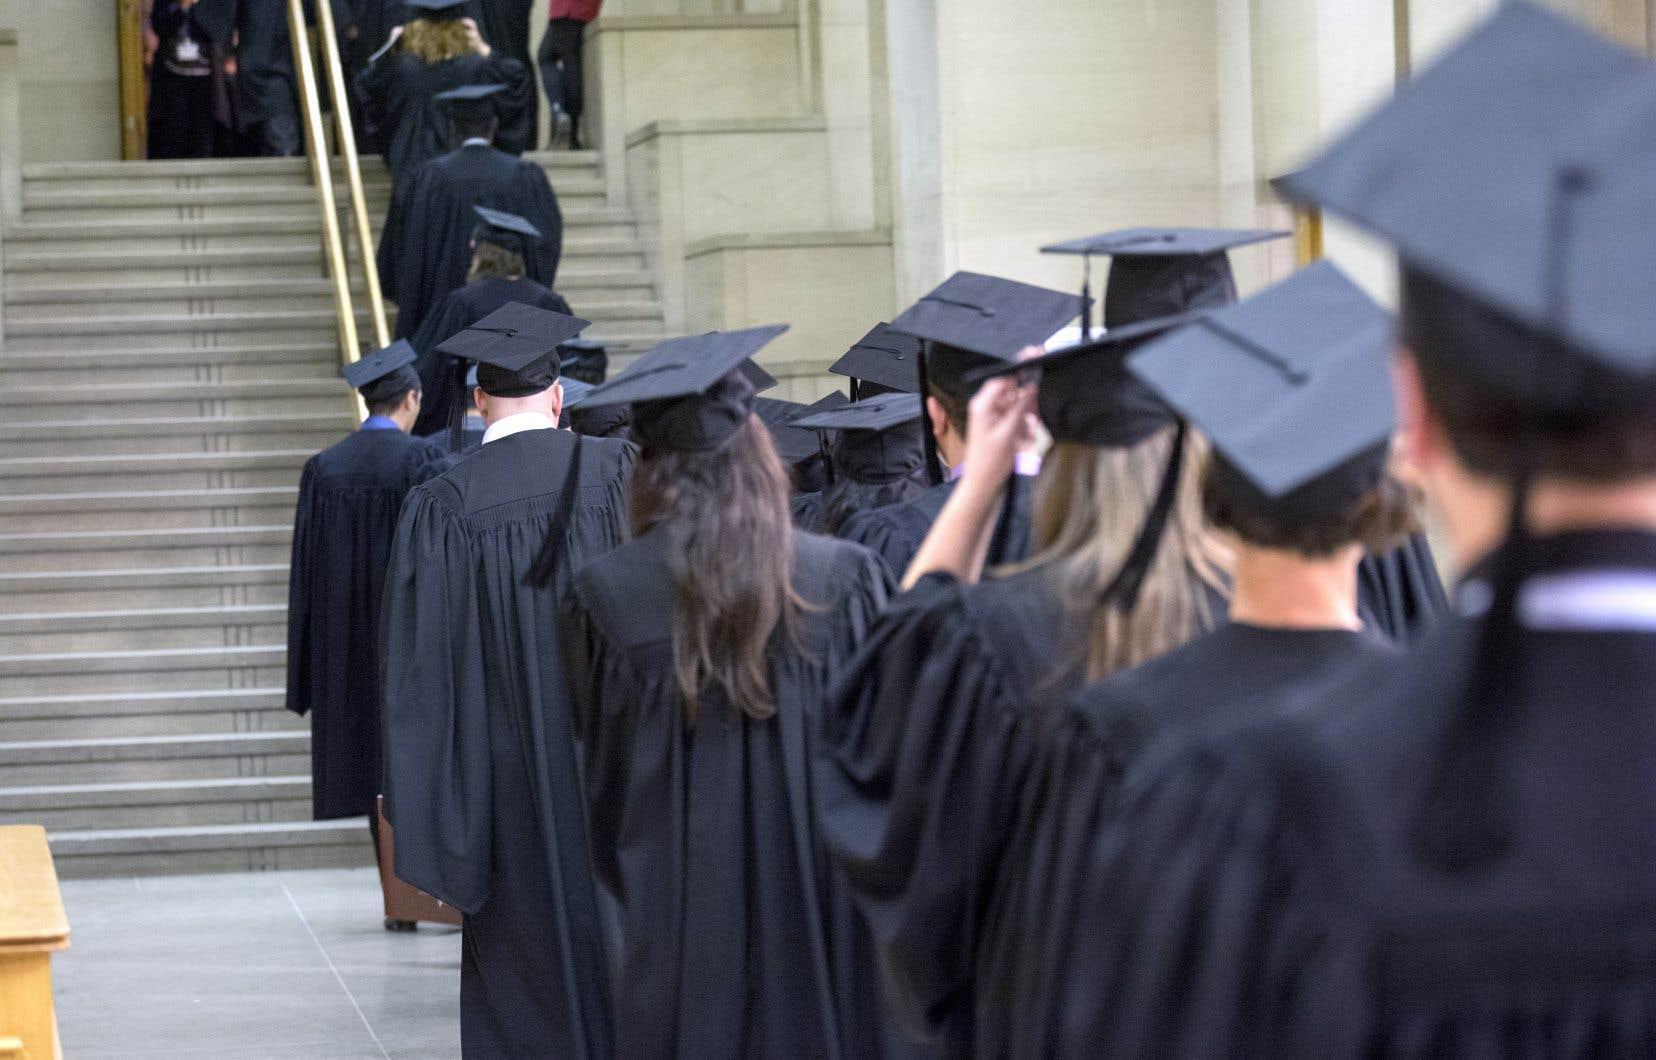 Les Québécois représentent 23,3% de la population canadienne, mais ils ne représentent que 22% des diplômés.